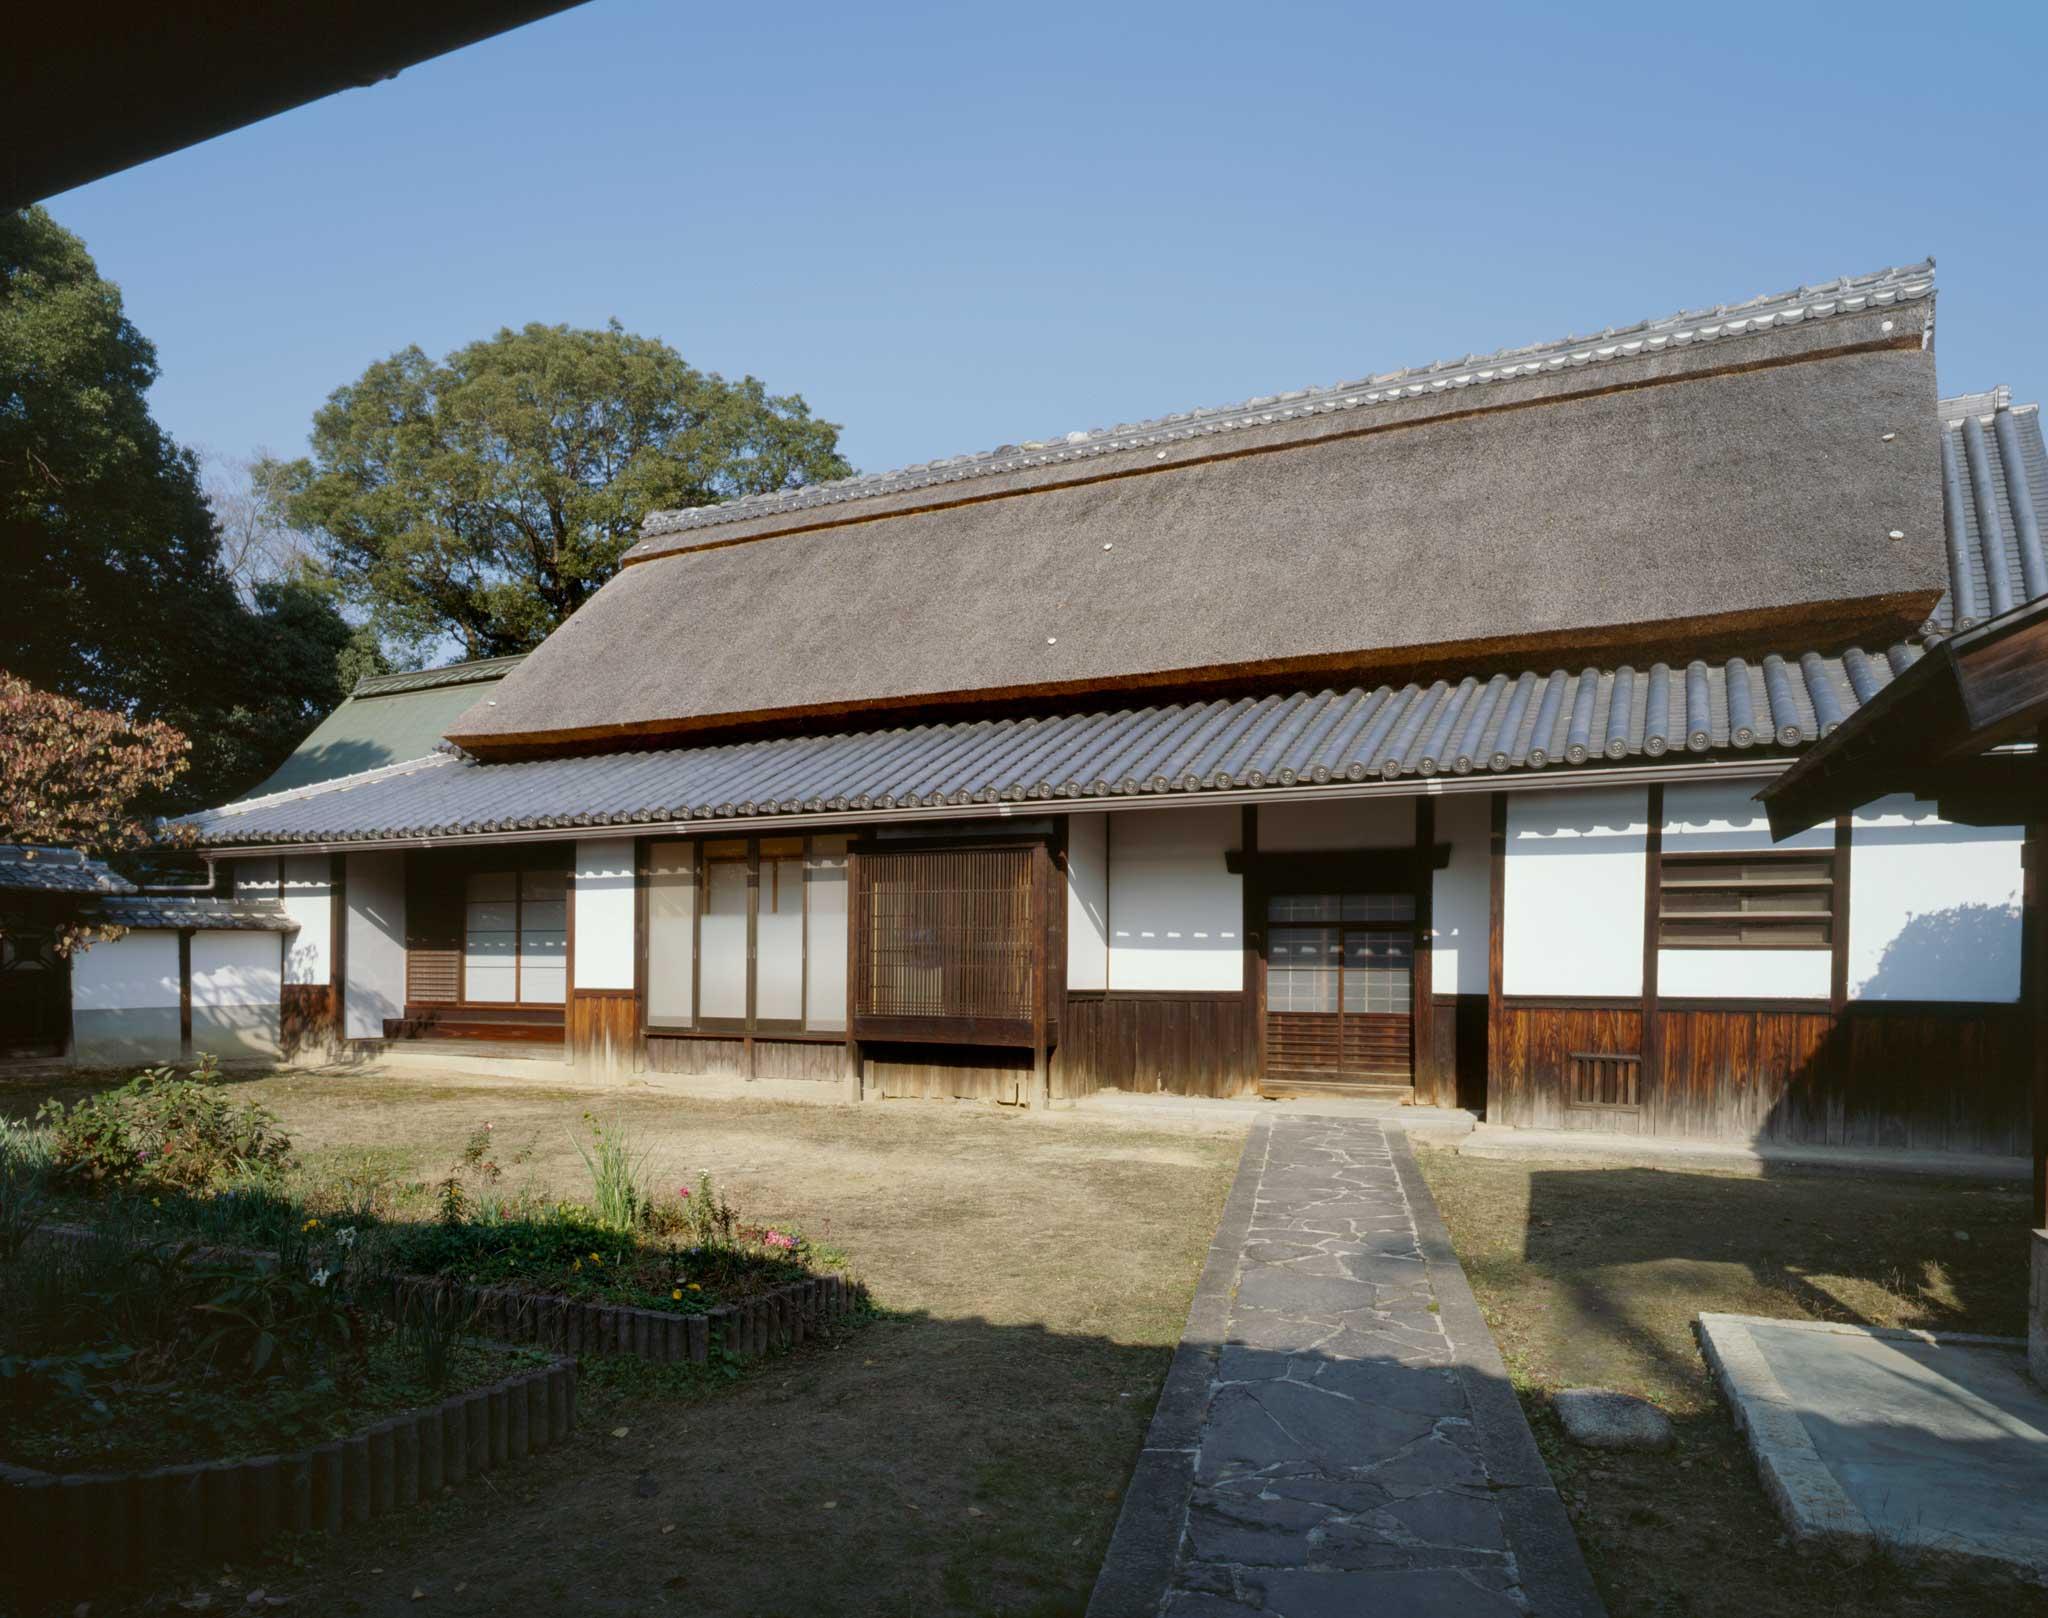 <p>松村家住宅 主屋</p>大規模な茅葺の民家で落棟と下屋を本瓦葺とする。河内の大和棟の庄屋屋敷の遺構として貴重。